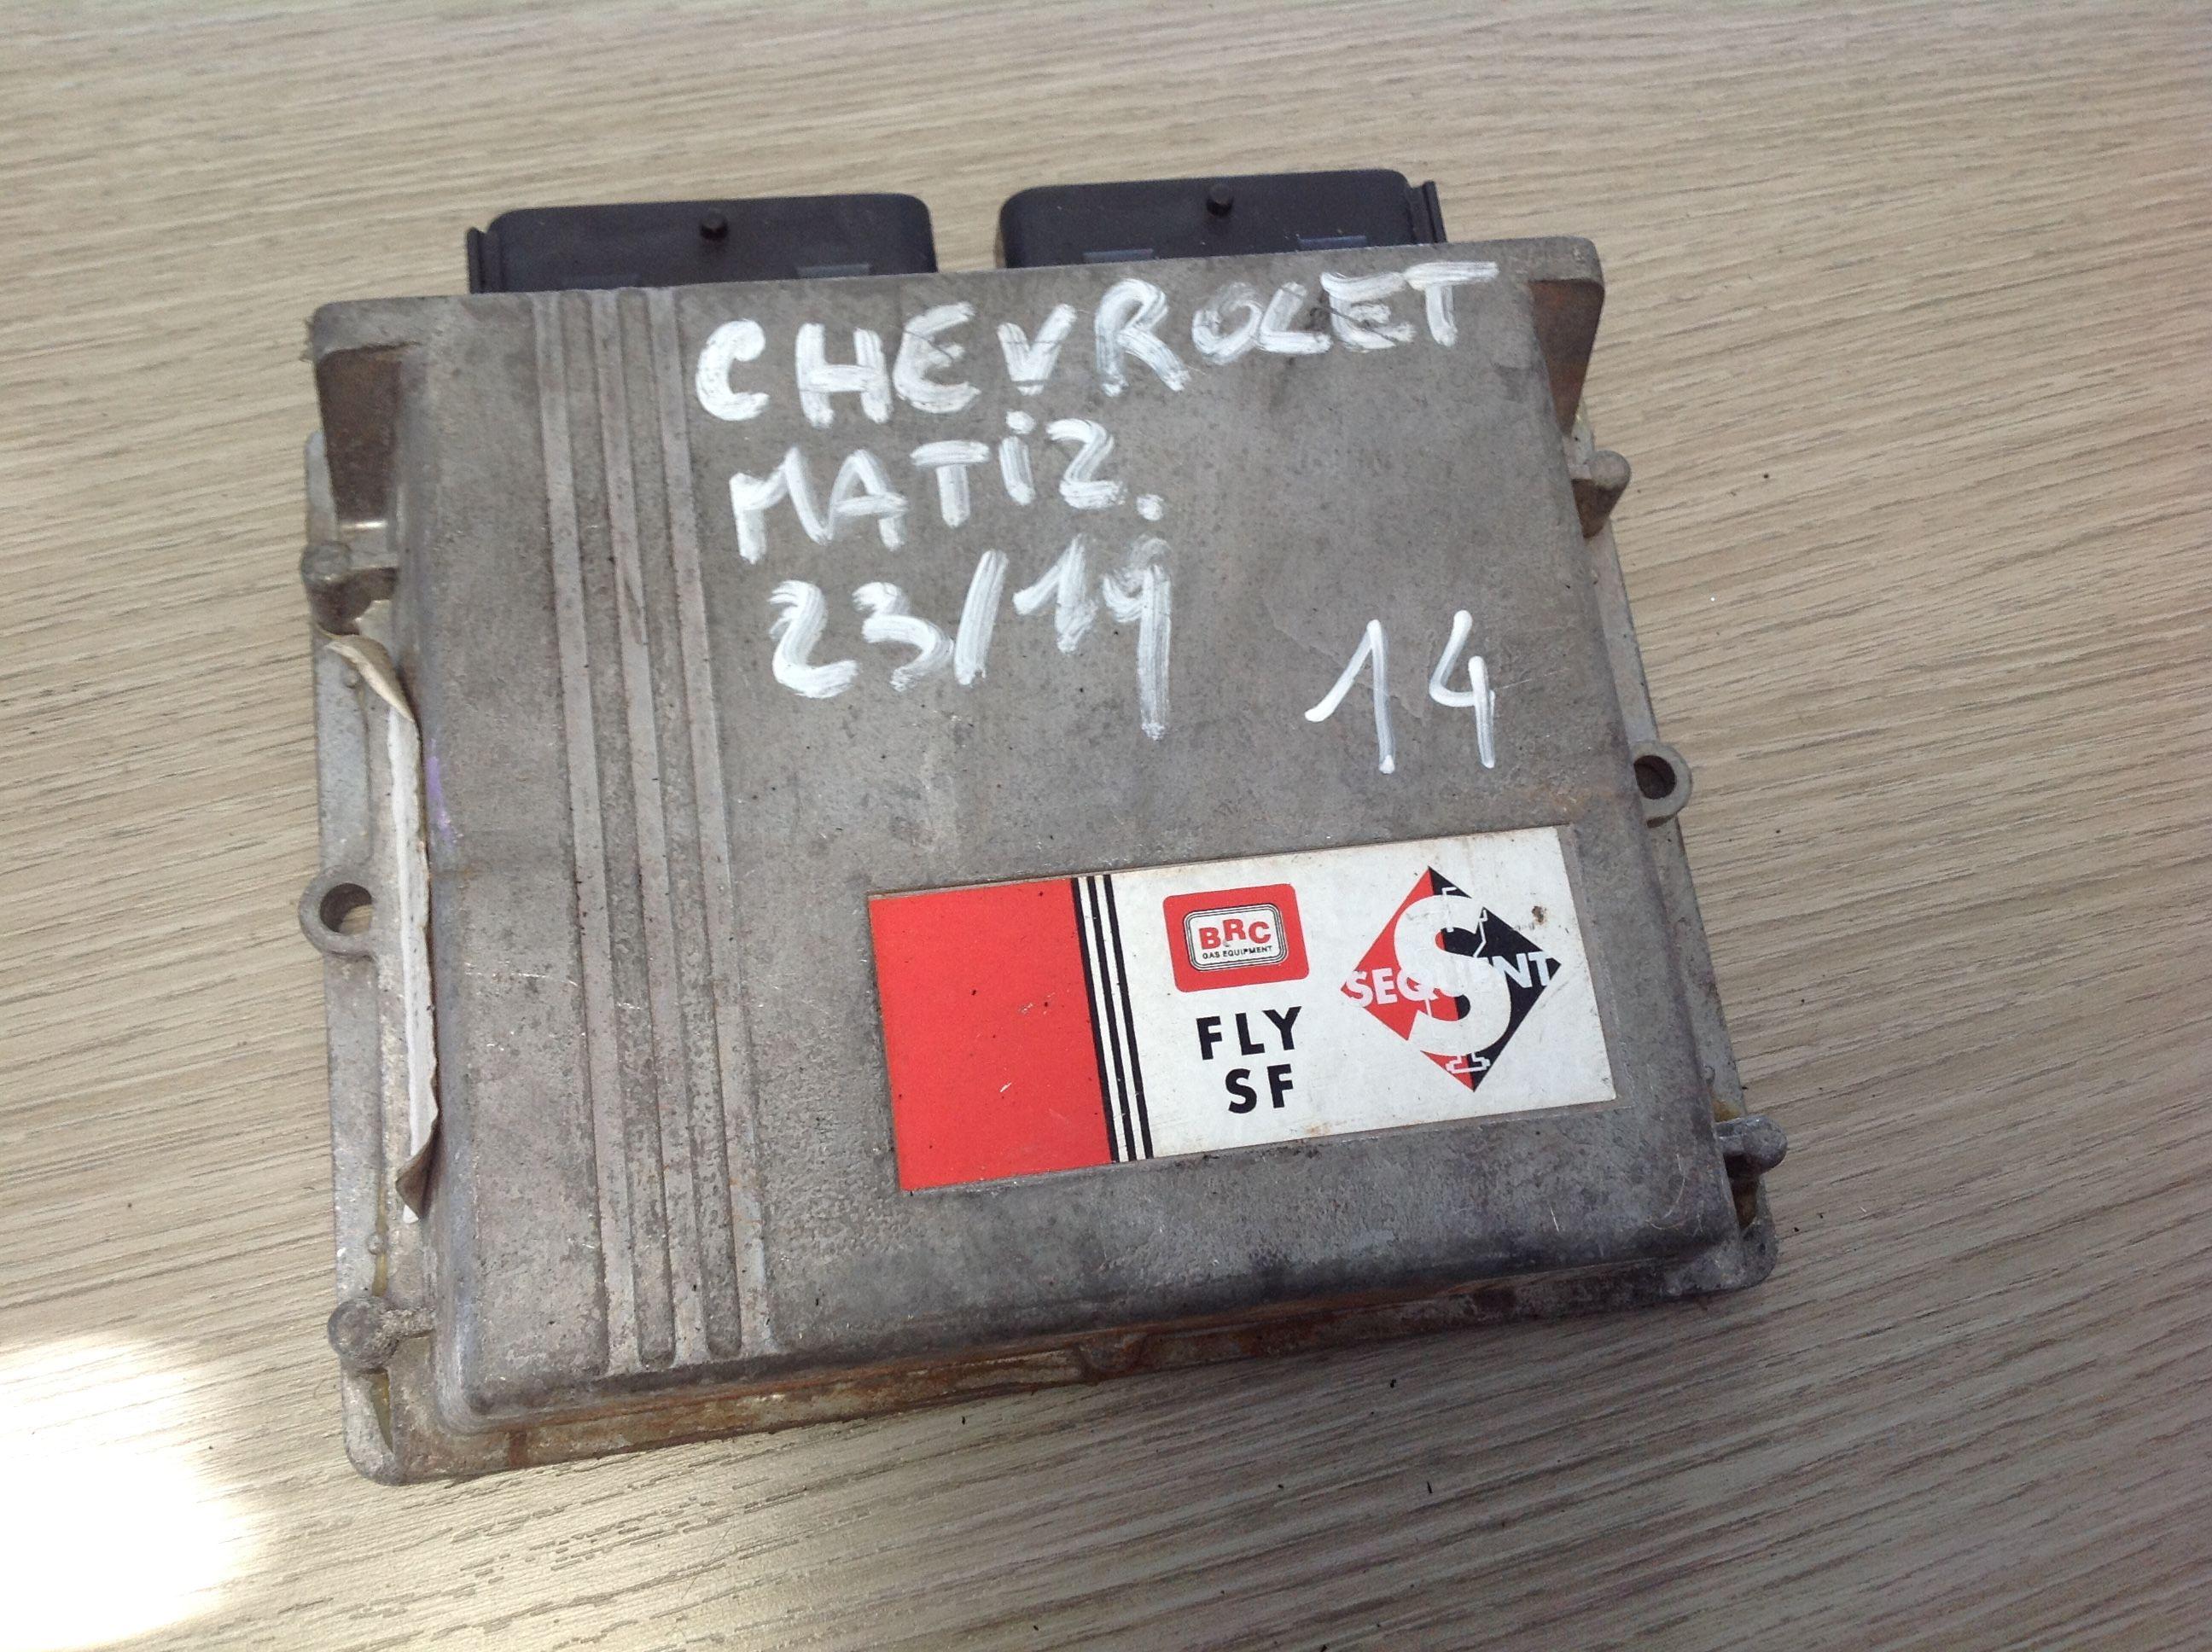 DE813131-04  DE813131-4 BRC FLY SF SEQUENT CENTRALINA GPL CHEVROLET Matiz 4° Serie  Gas    () RICAMBI USATI